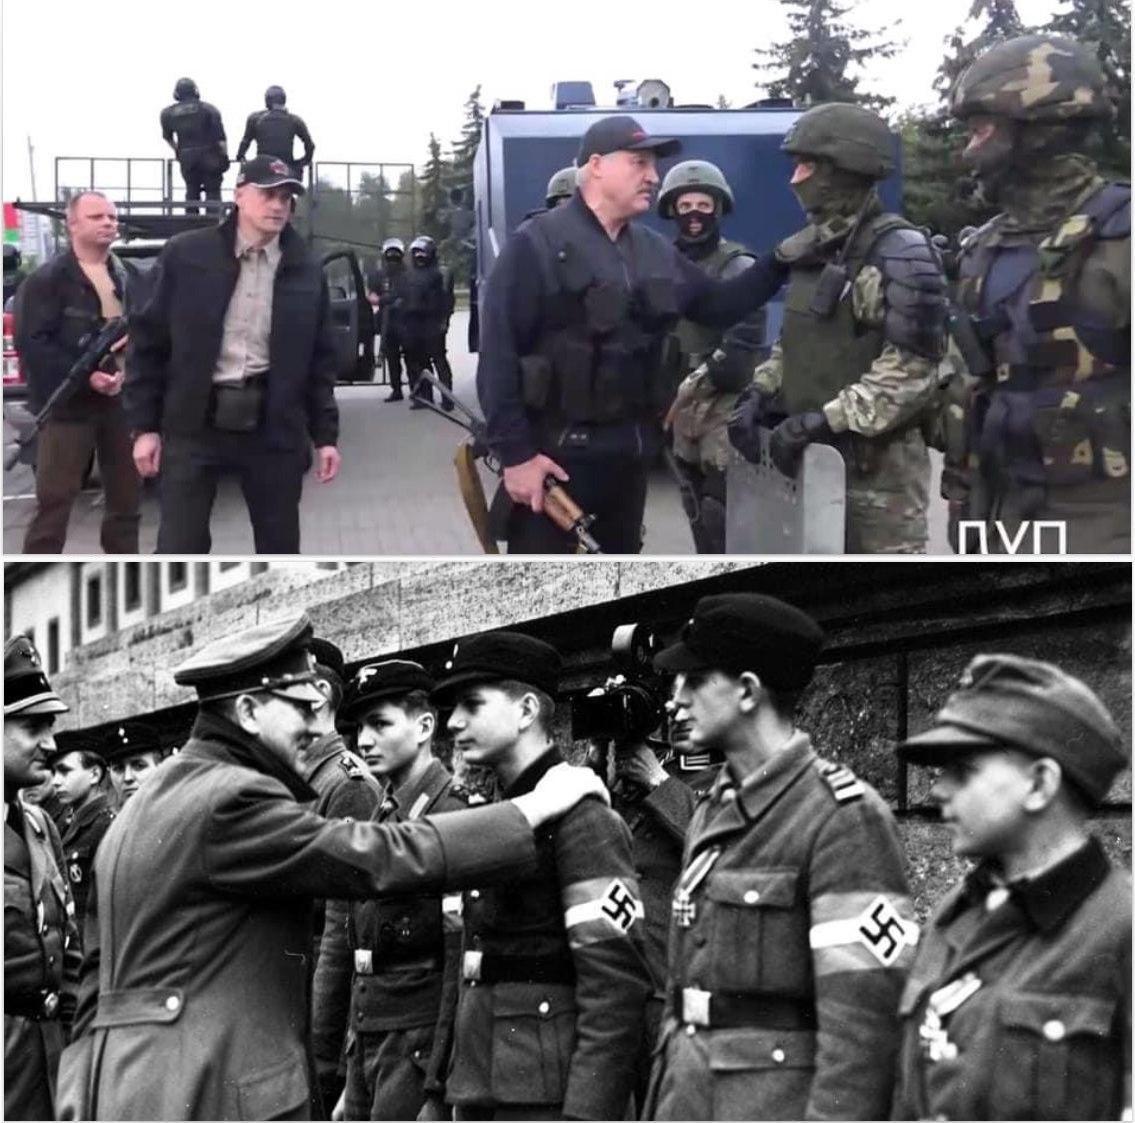 Мемы про Лукашенко с автоматом (12 фото + 5 видео)